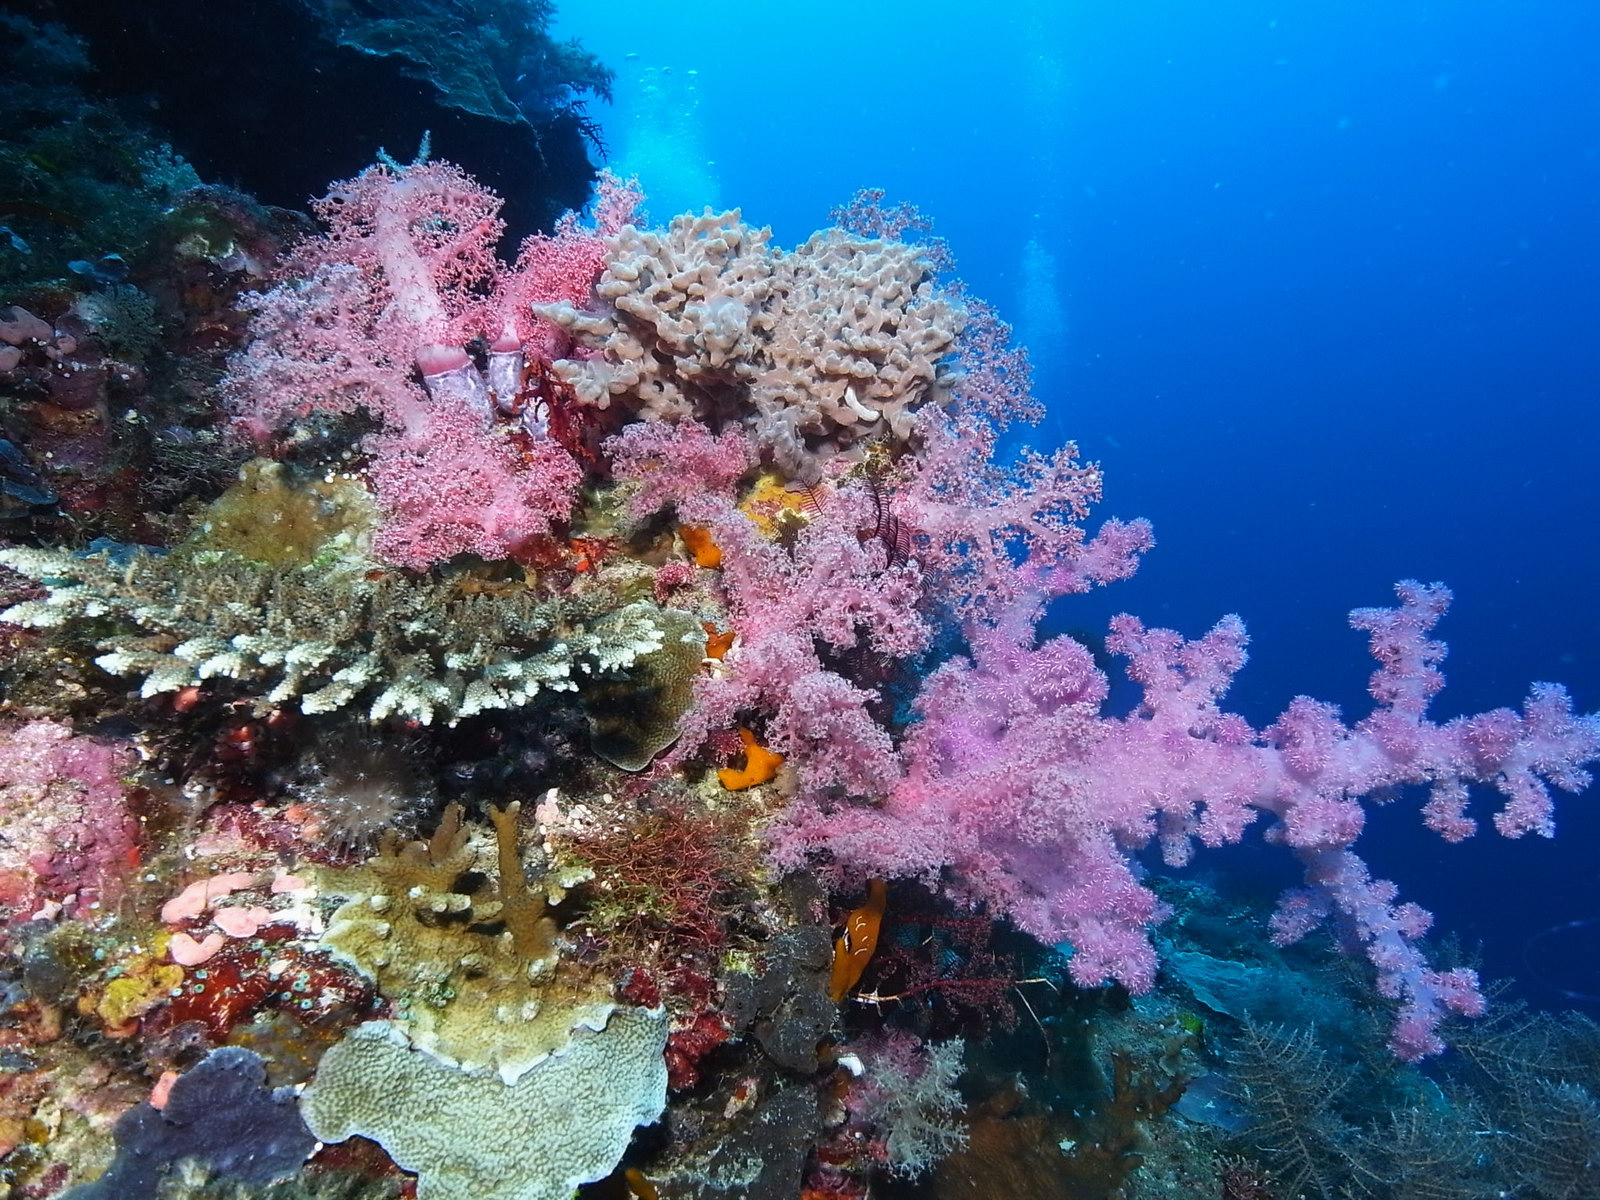 Weichkorallen fotografiert im Unterwasserfotografie Kurs